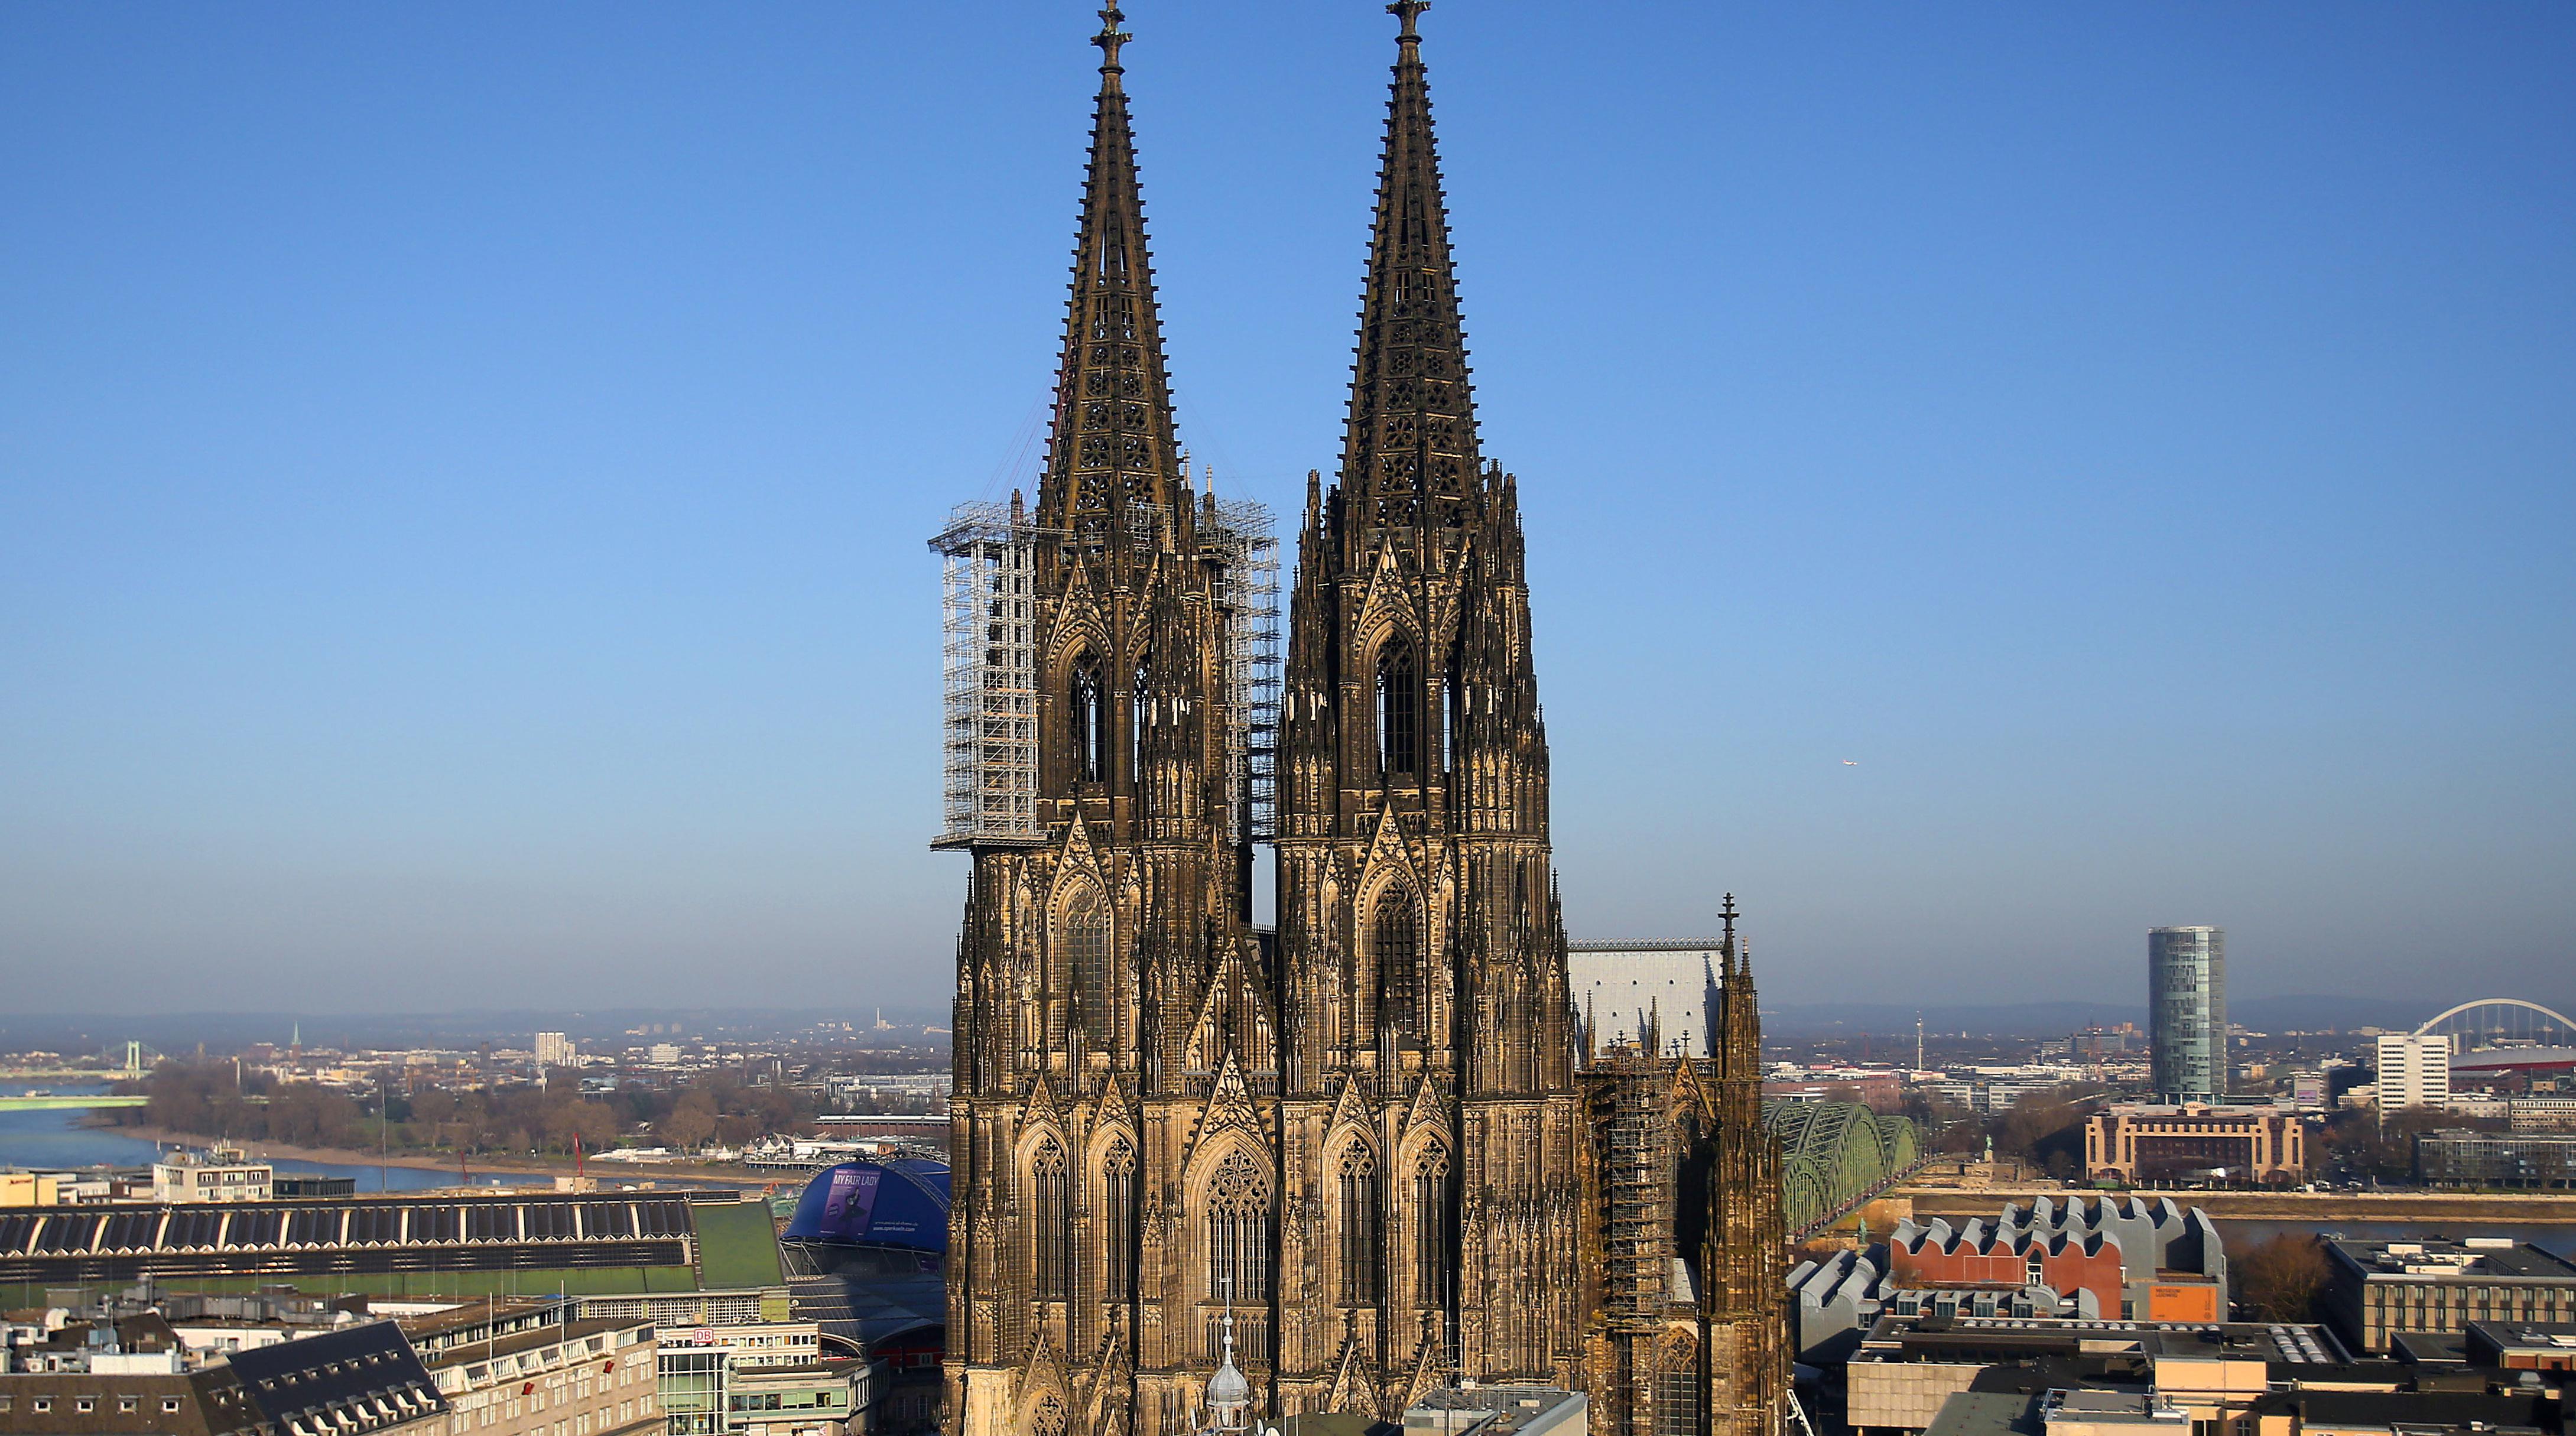 Eines der berühmtesten Denkmäler in Deutschland ist der Kölner Dom. (Foto: dpa)